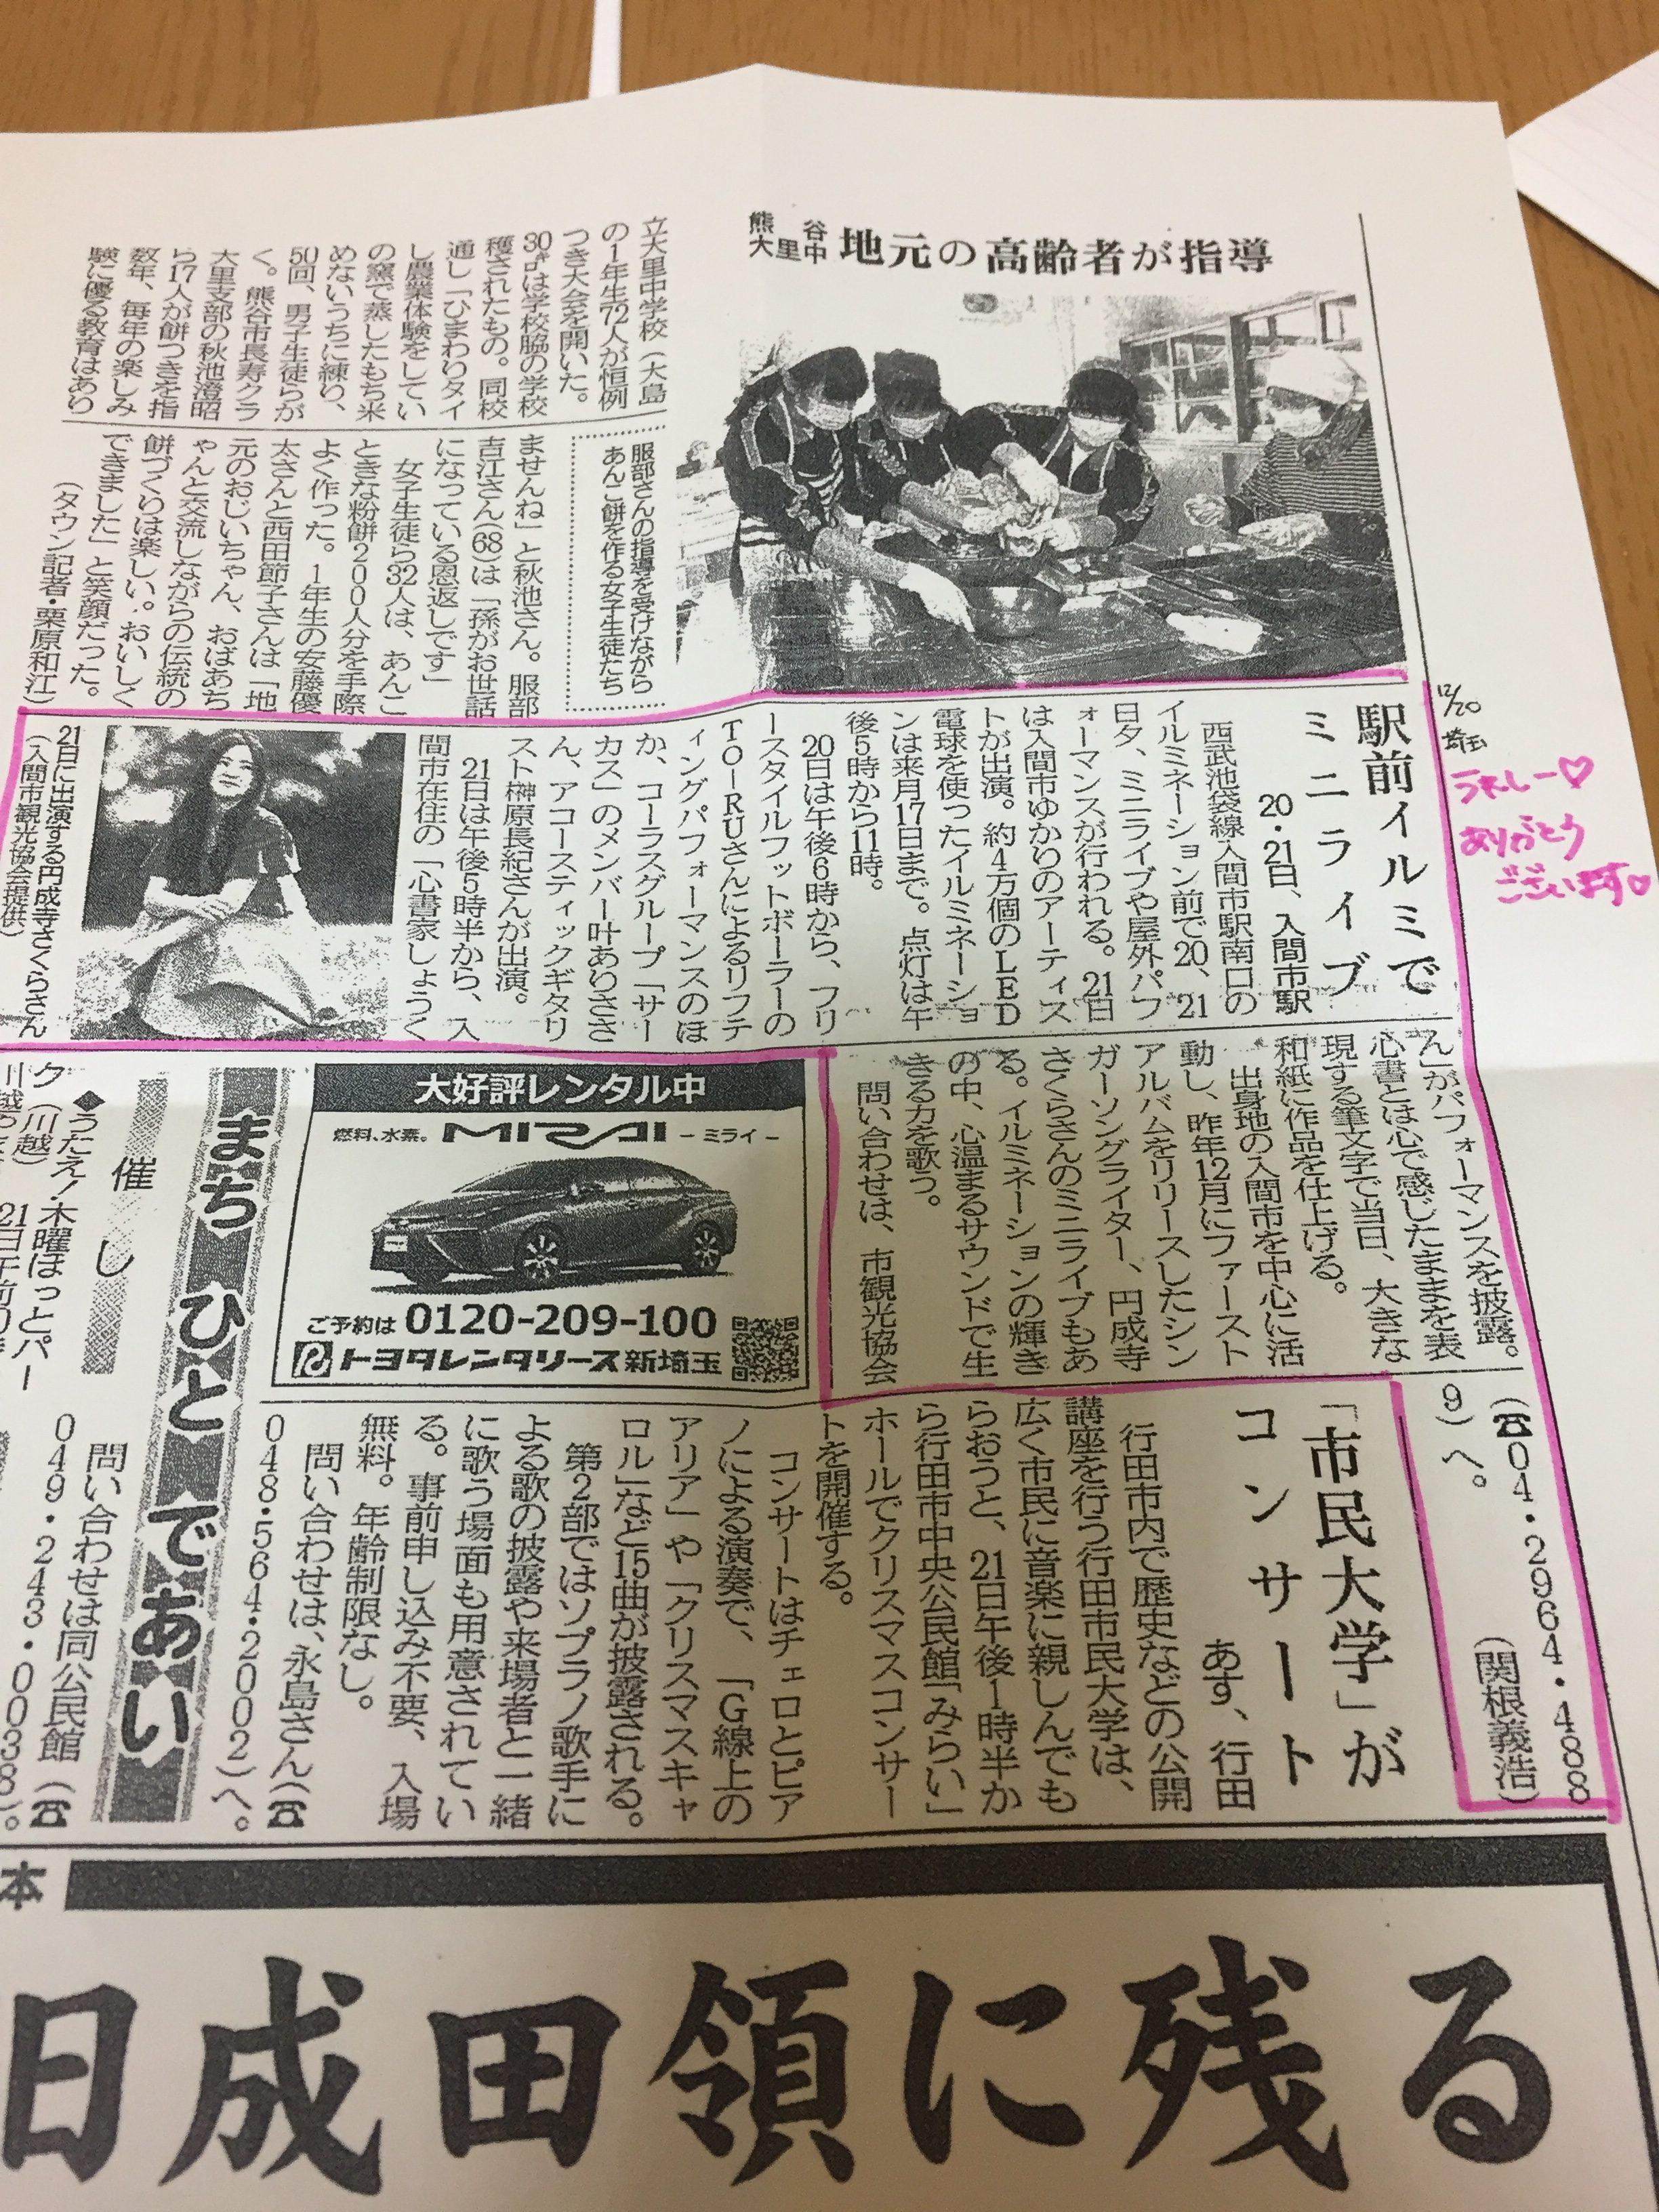 12/20 埼玉新聞に掲載!